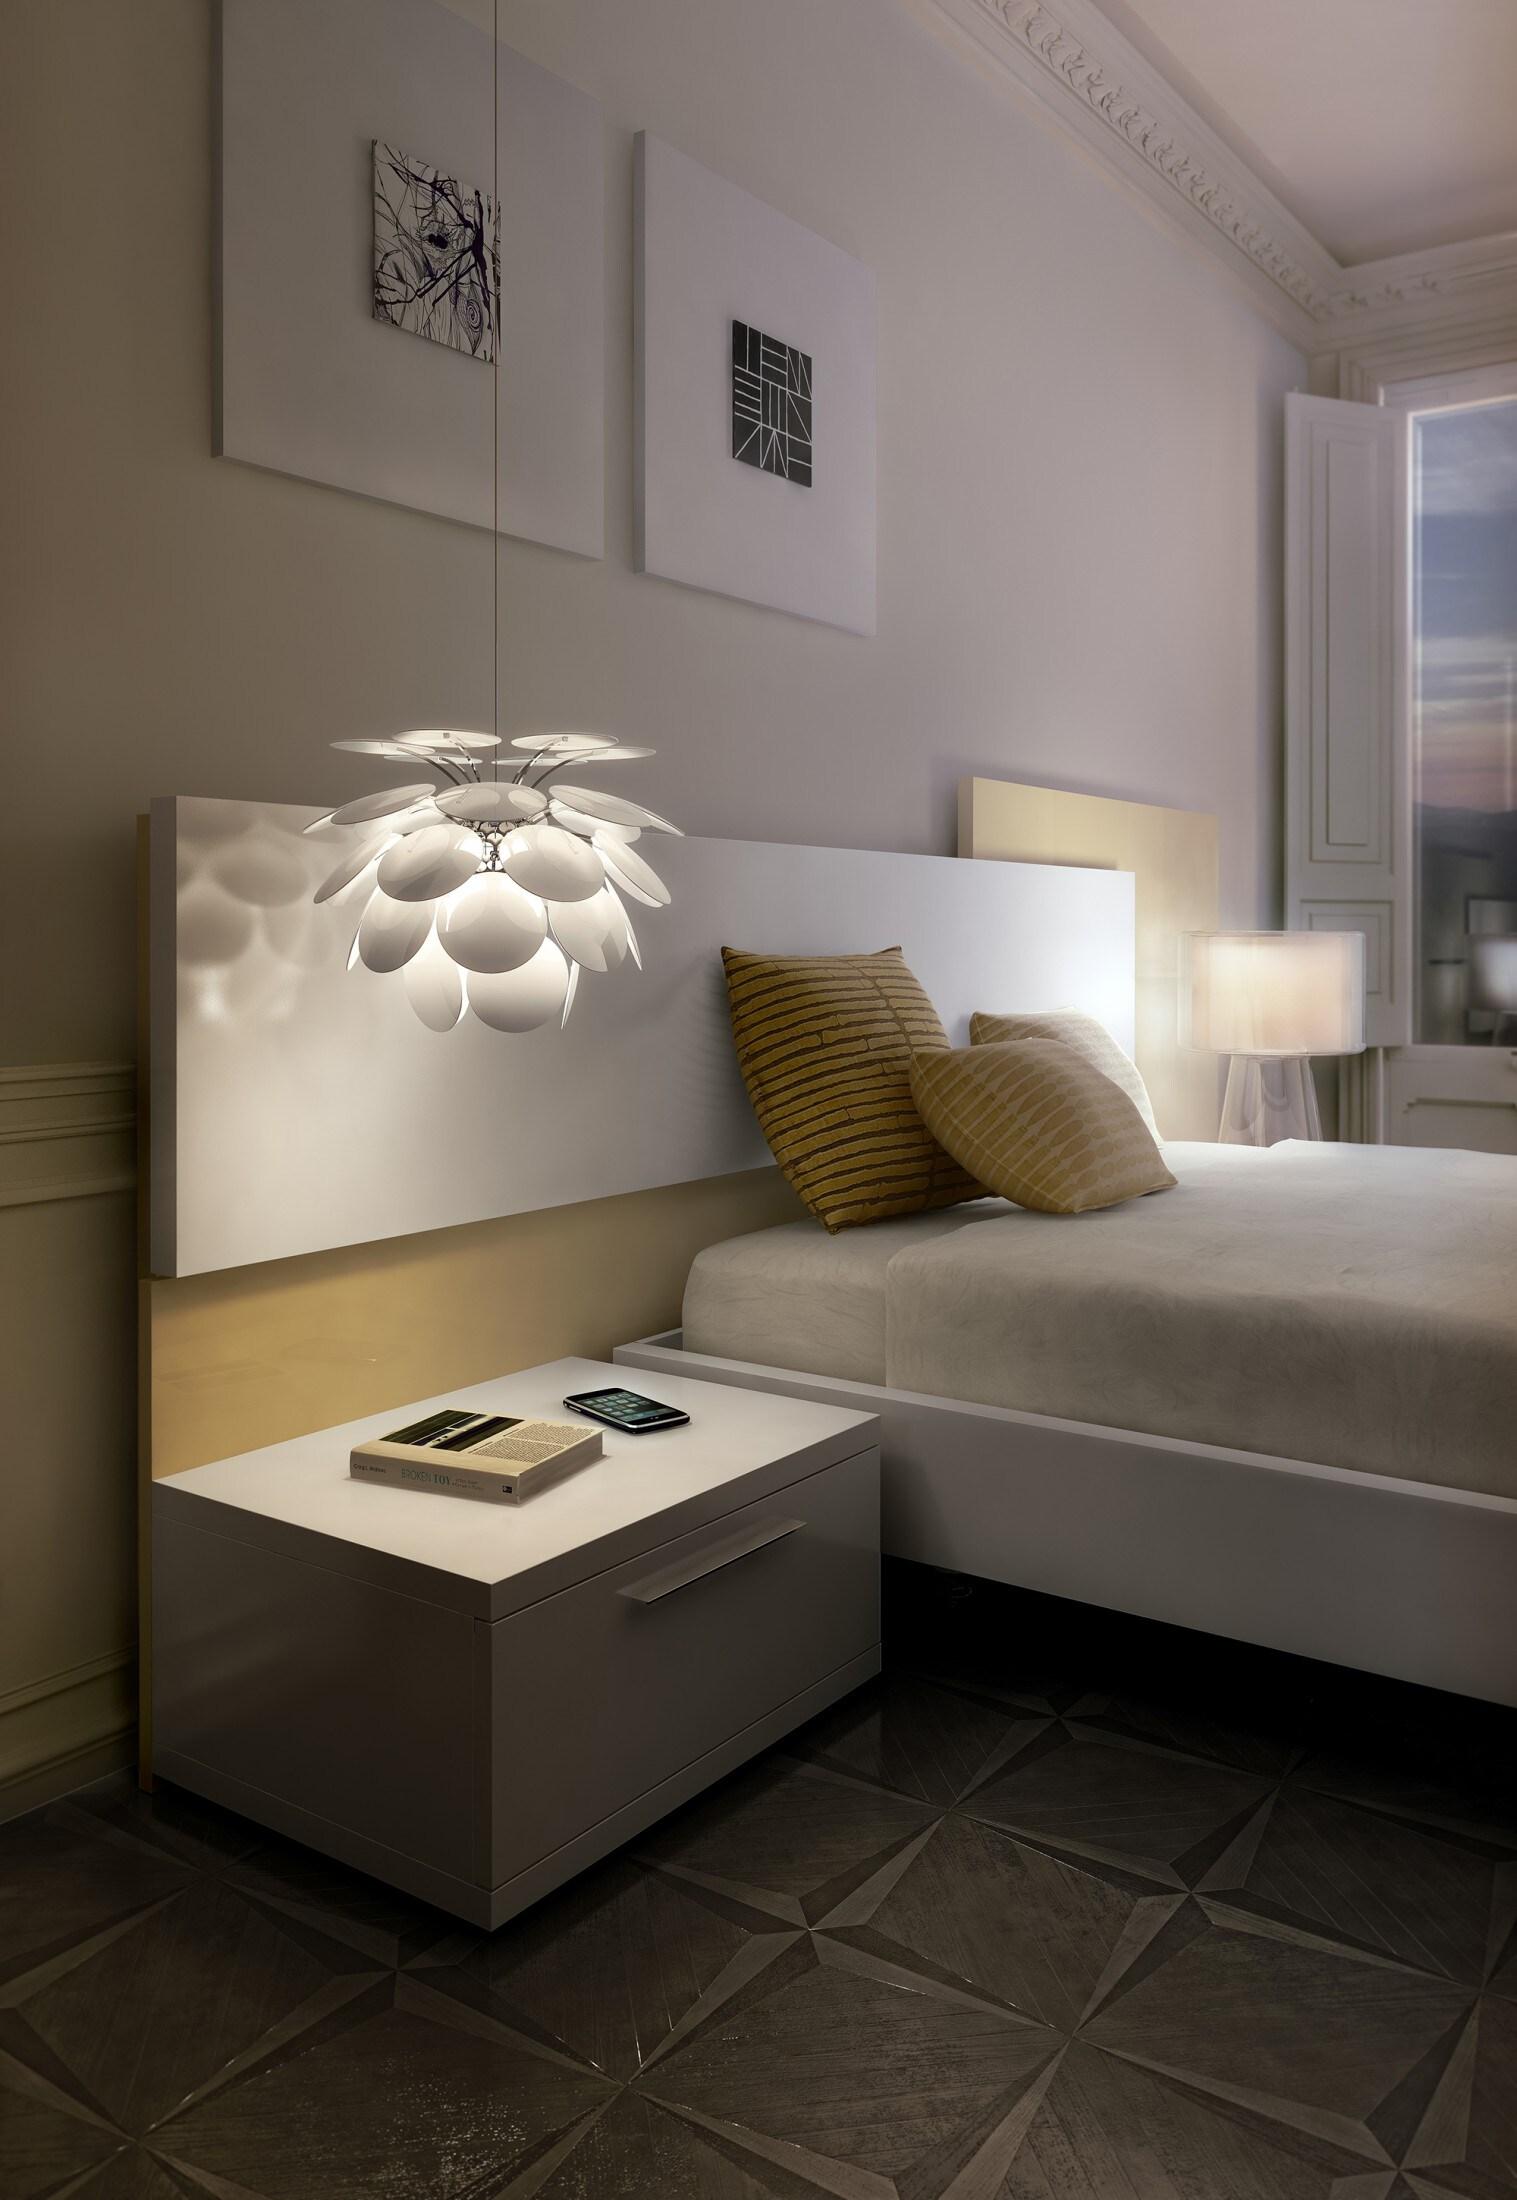 Interieurtip: Hanglampen als nachtlampje | dmlights Blog